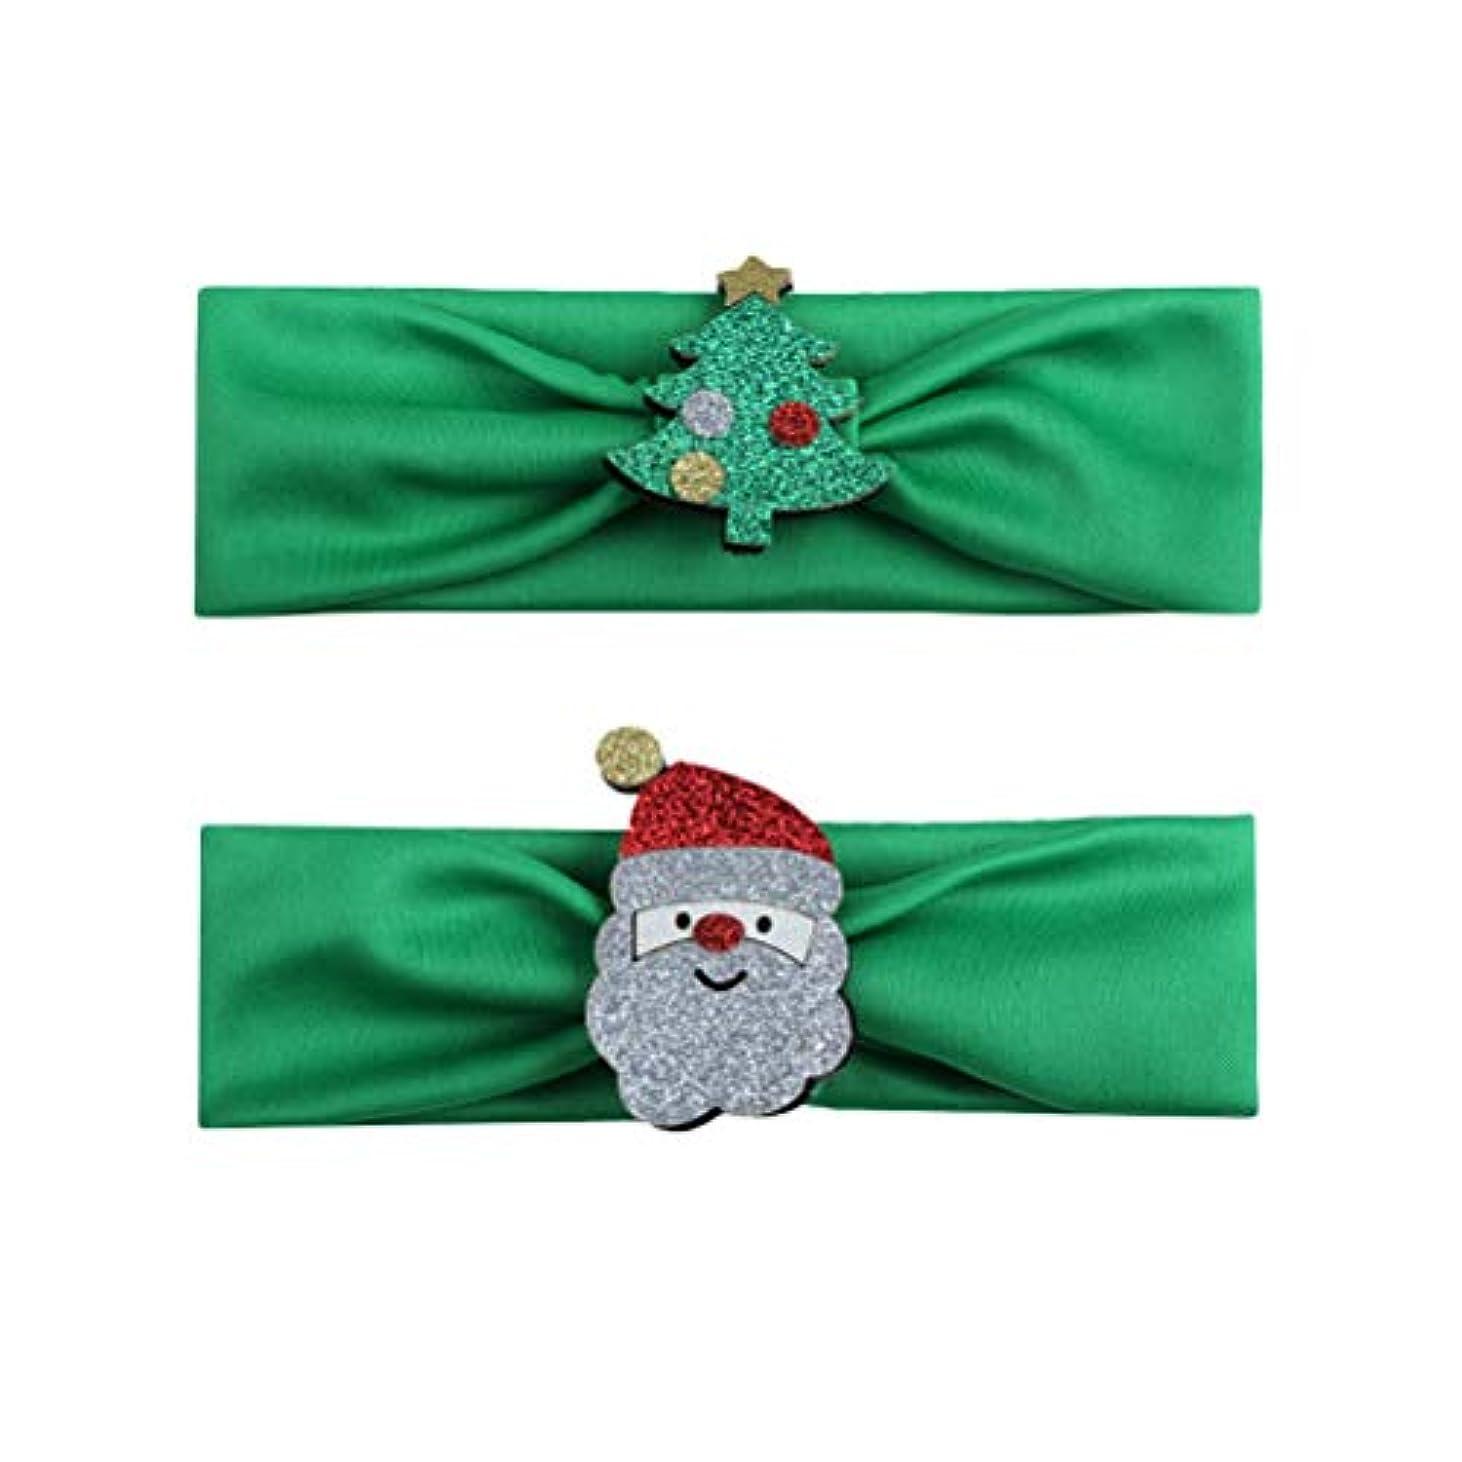 バターレーダー発揮するBESTOYARD 2本の赤ちゃんの少女クリスマスのヘッドバンド、クリスマスツリーサンタクロースの幼児ヘアバンドアクセサリー(グリーン)